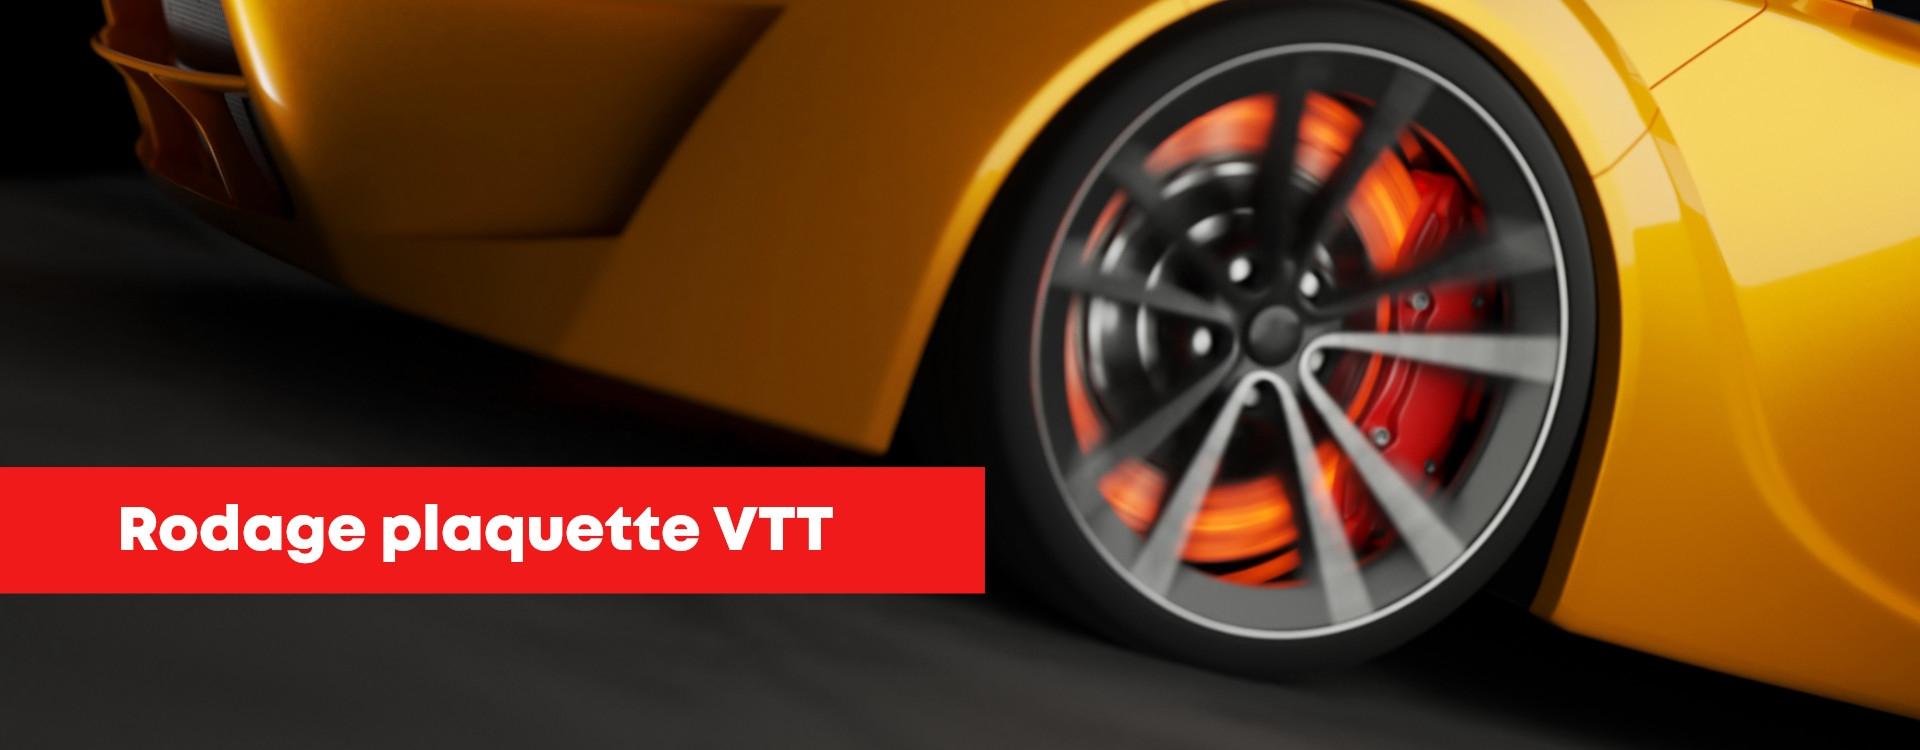 Rodage plaquette VTT pour un freinage plus précis et performant !